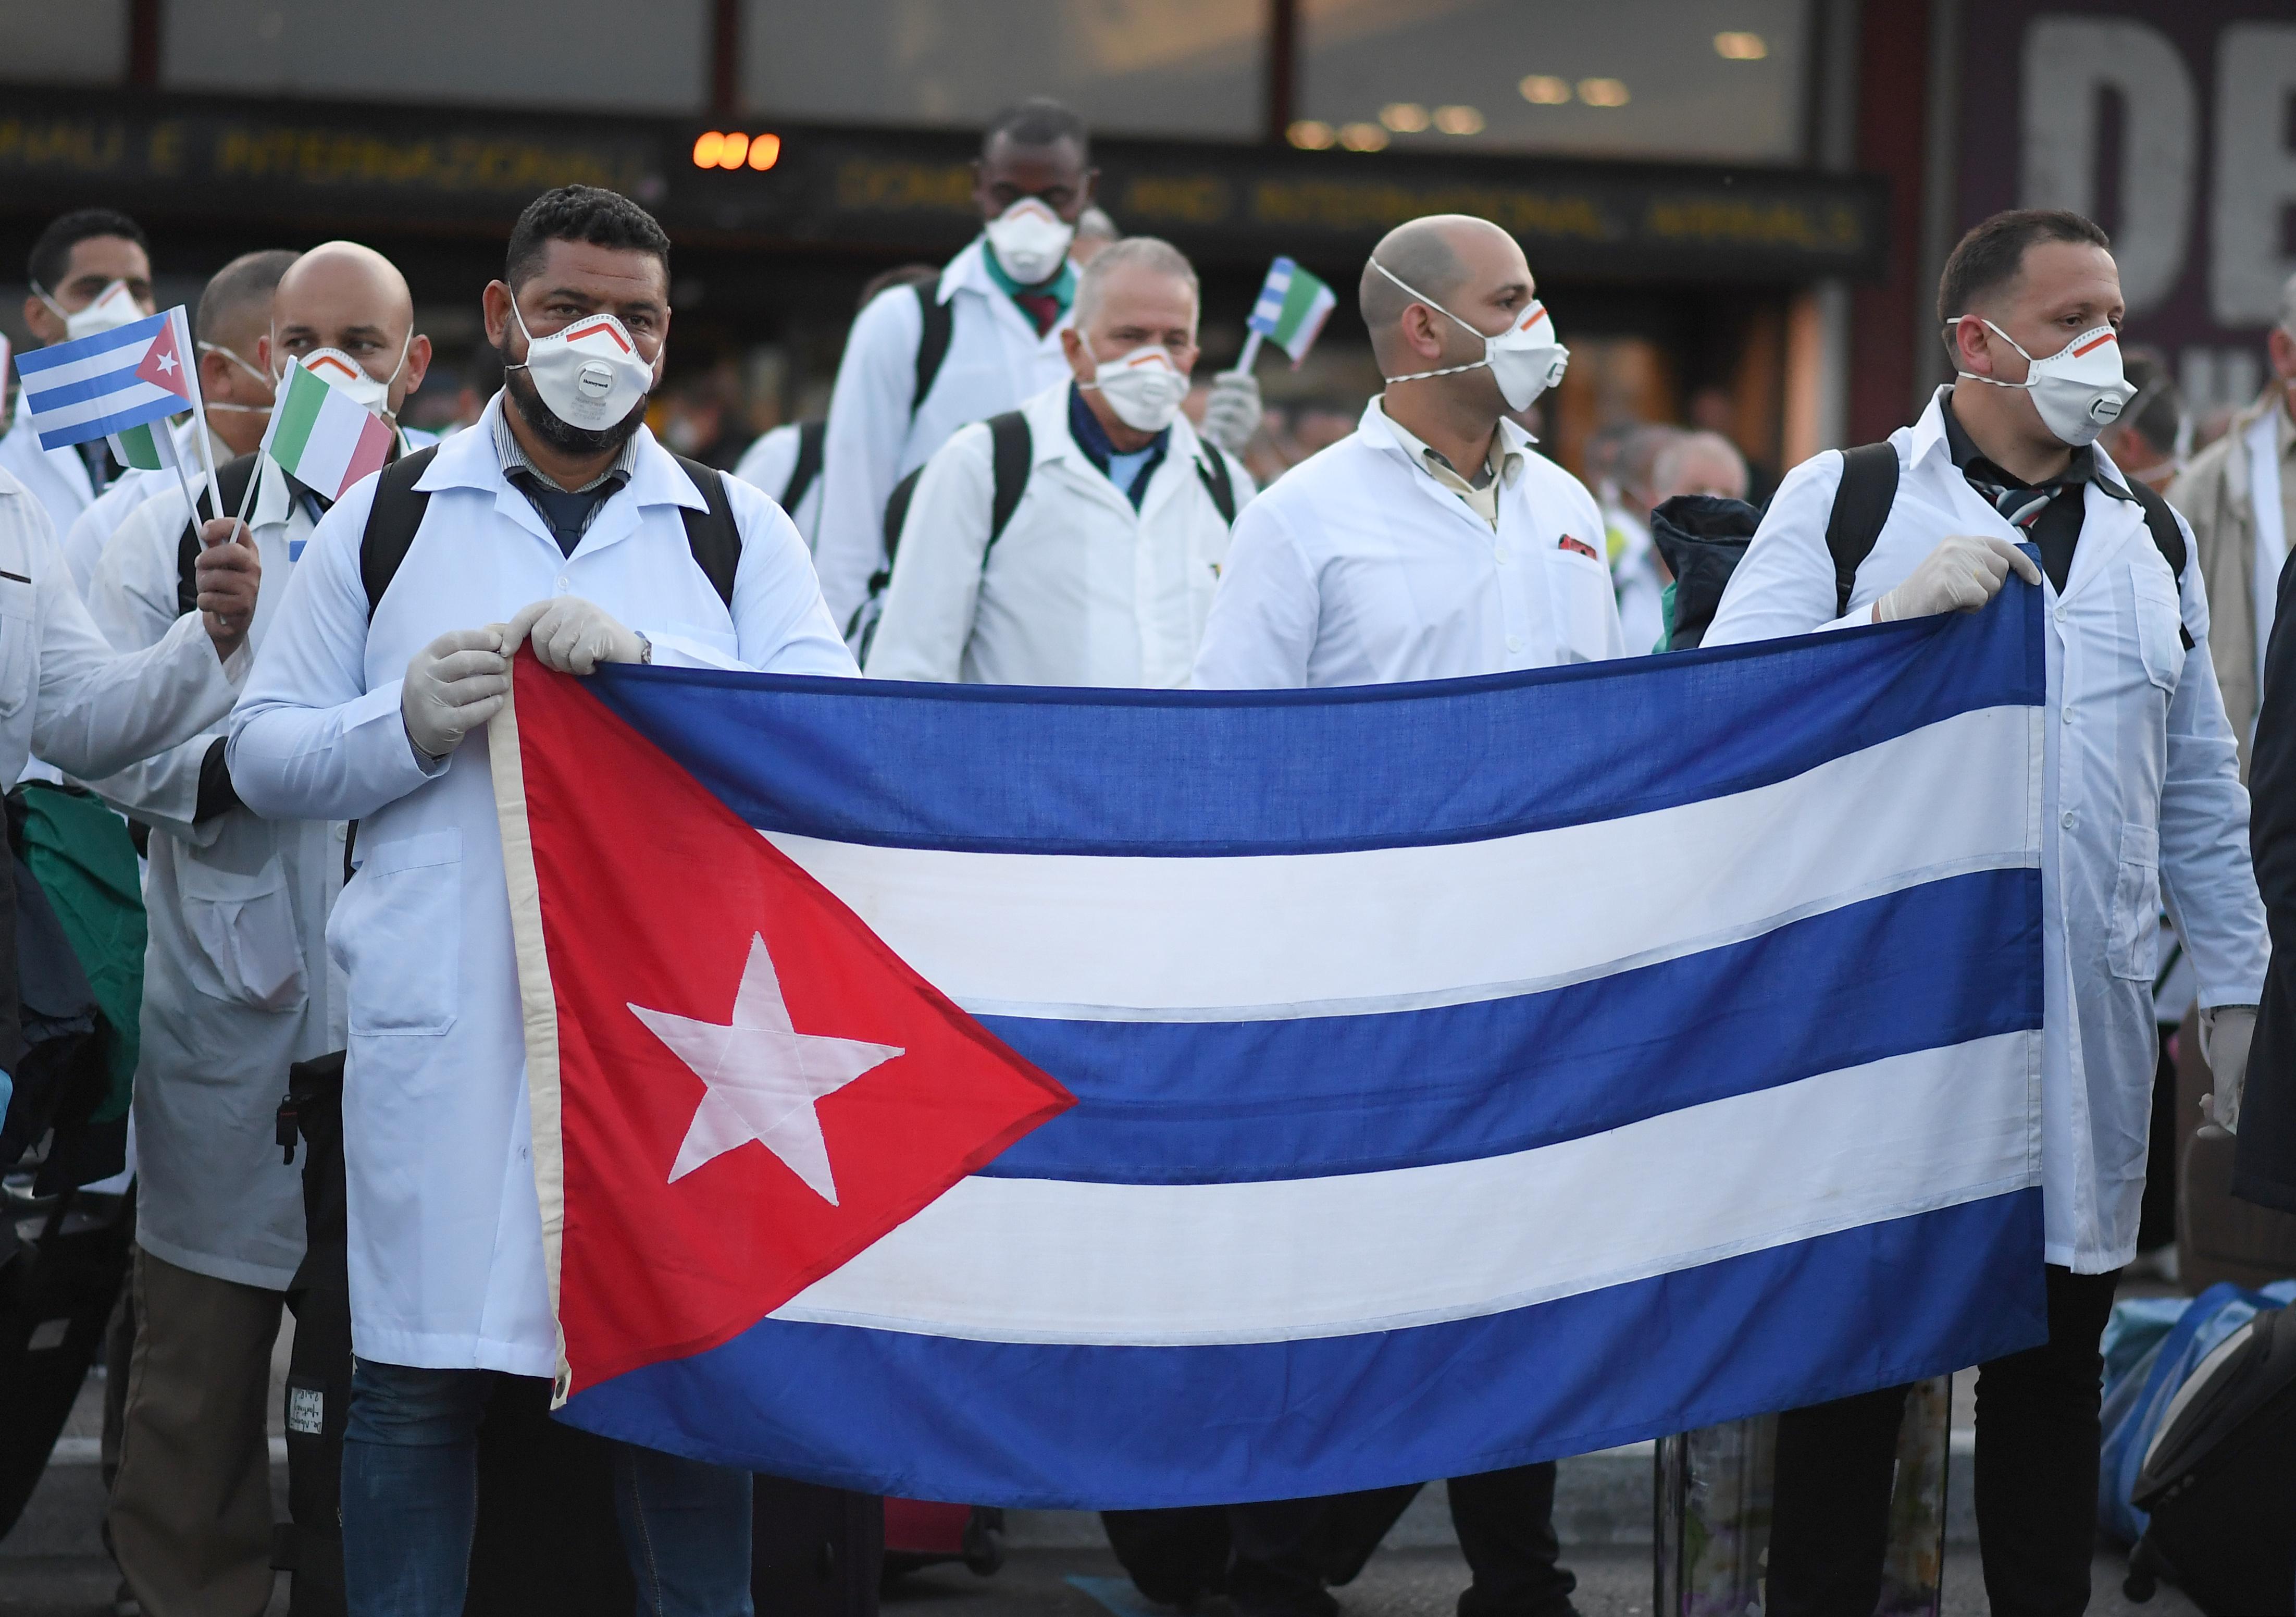 Médicos mexicanos inconformes con médicos cubanos: dudan de su capacidad